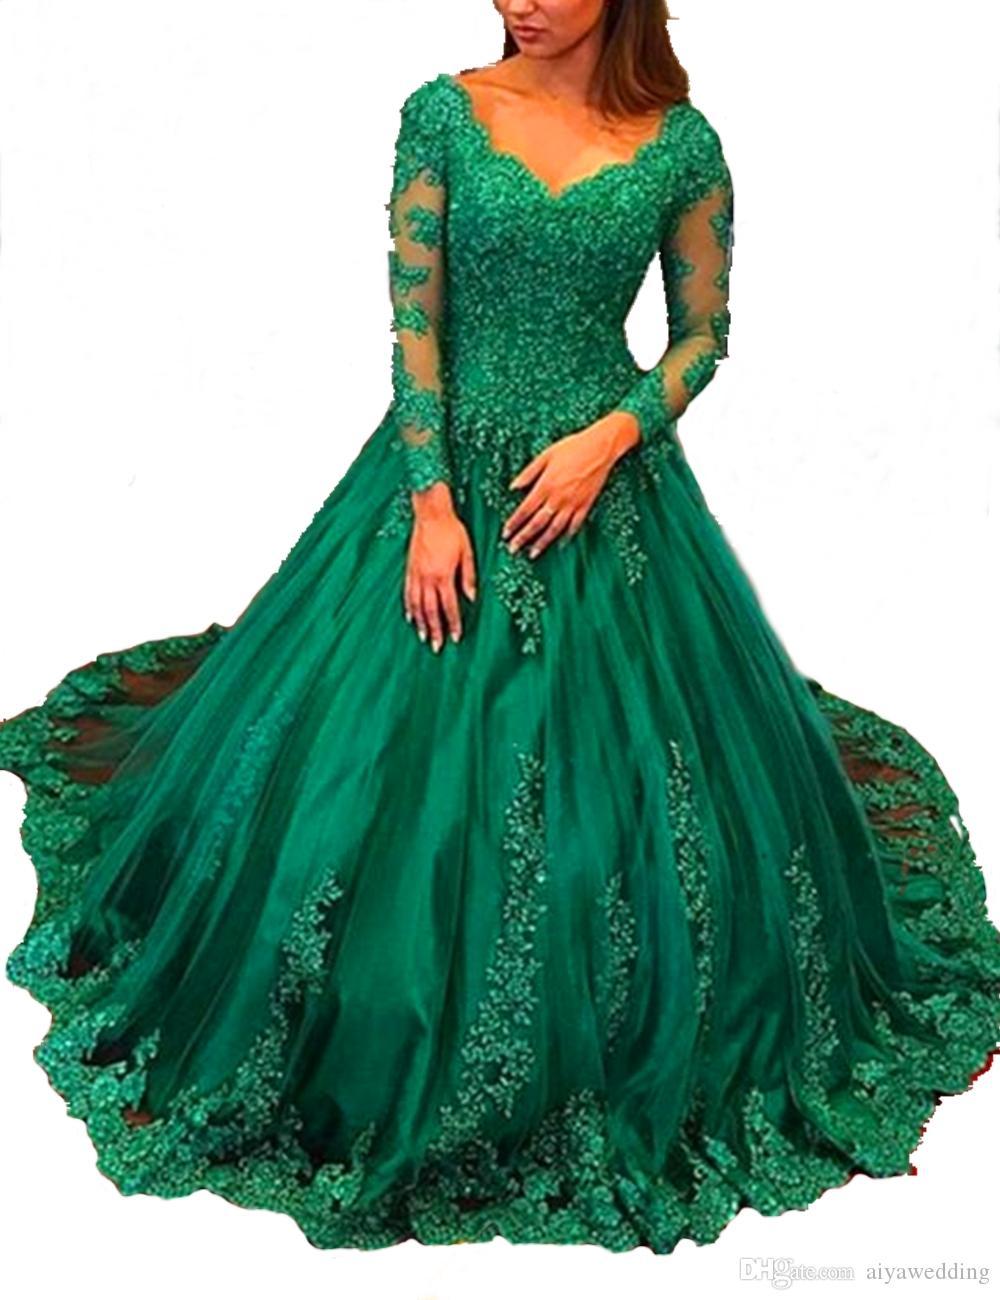 Abiti da sera eleganti Plus Size 2021 Robe Longue Manche Longue Soiree Seree Emerald Green Ball Gown Maniche lunghe Abiti da ballo